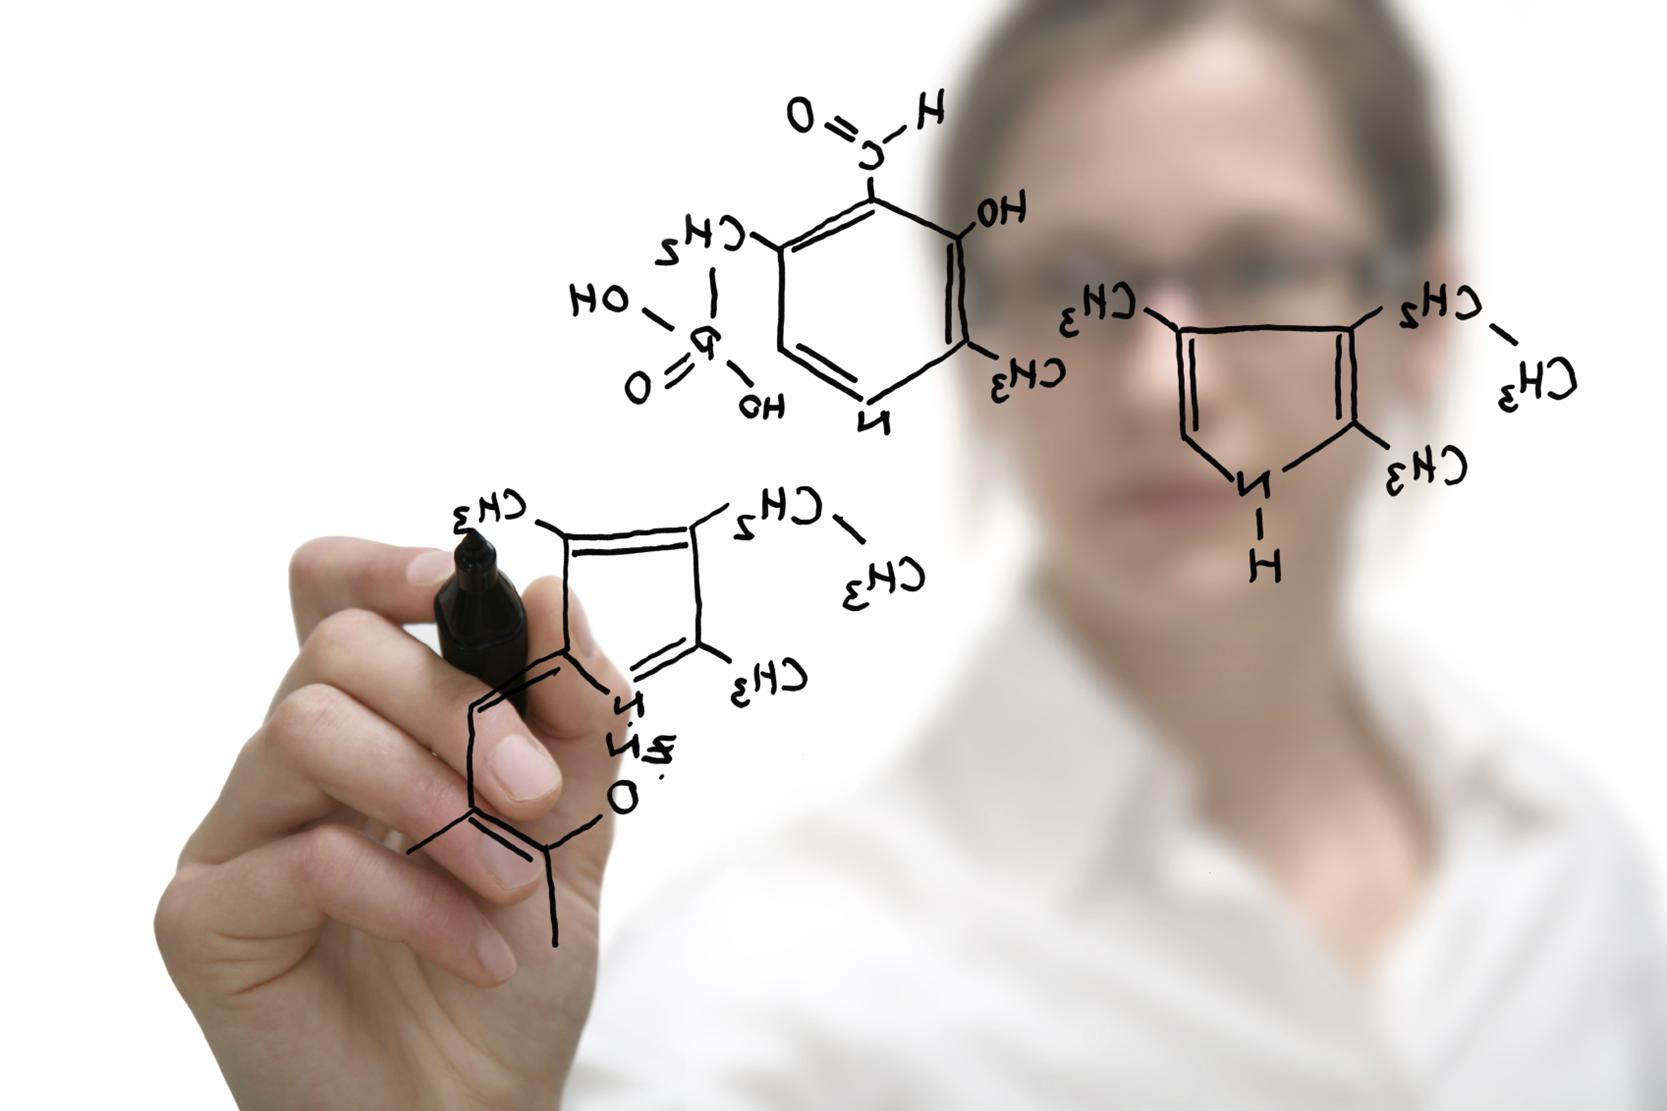 Mẹo giải Hóa học - Phương trình hóa học